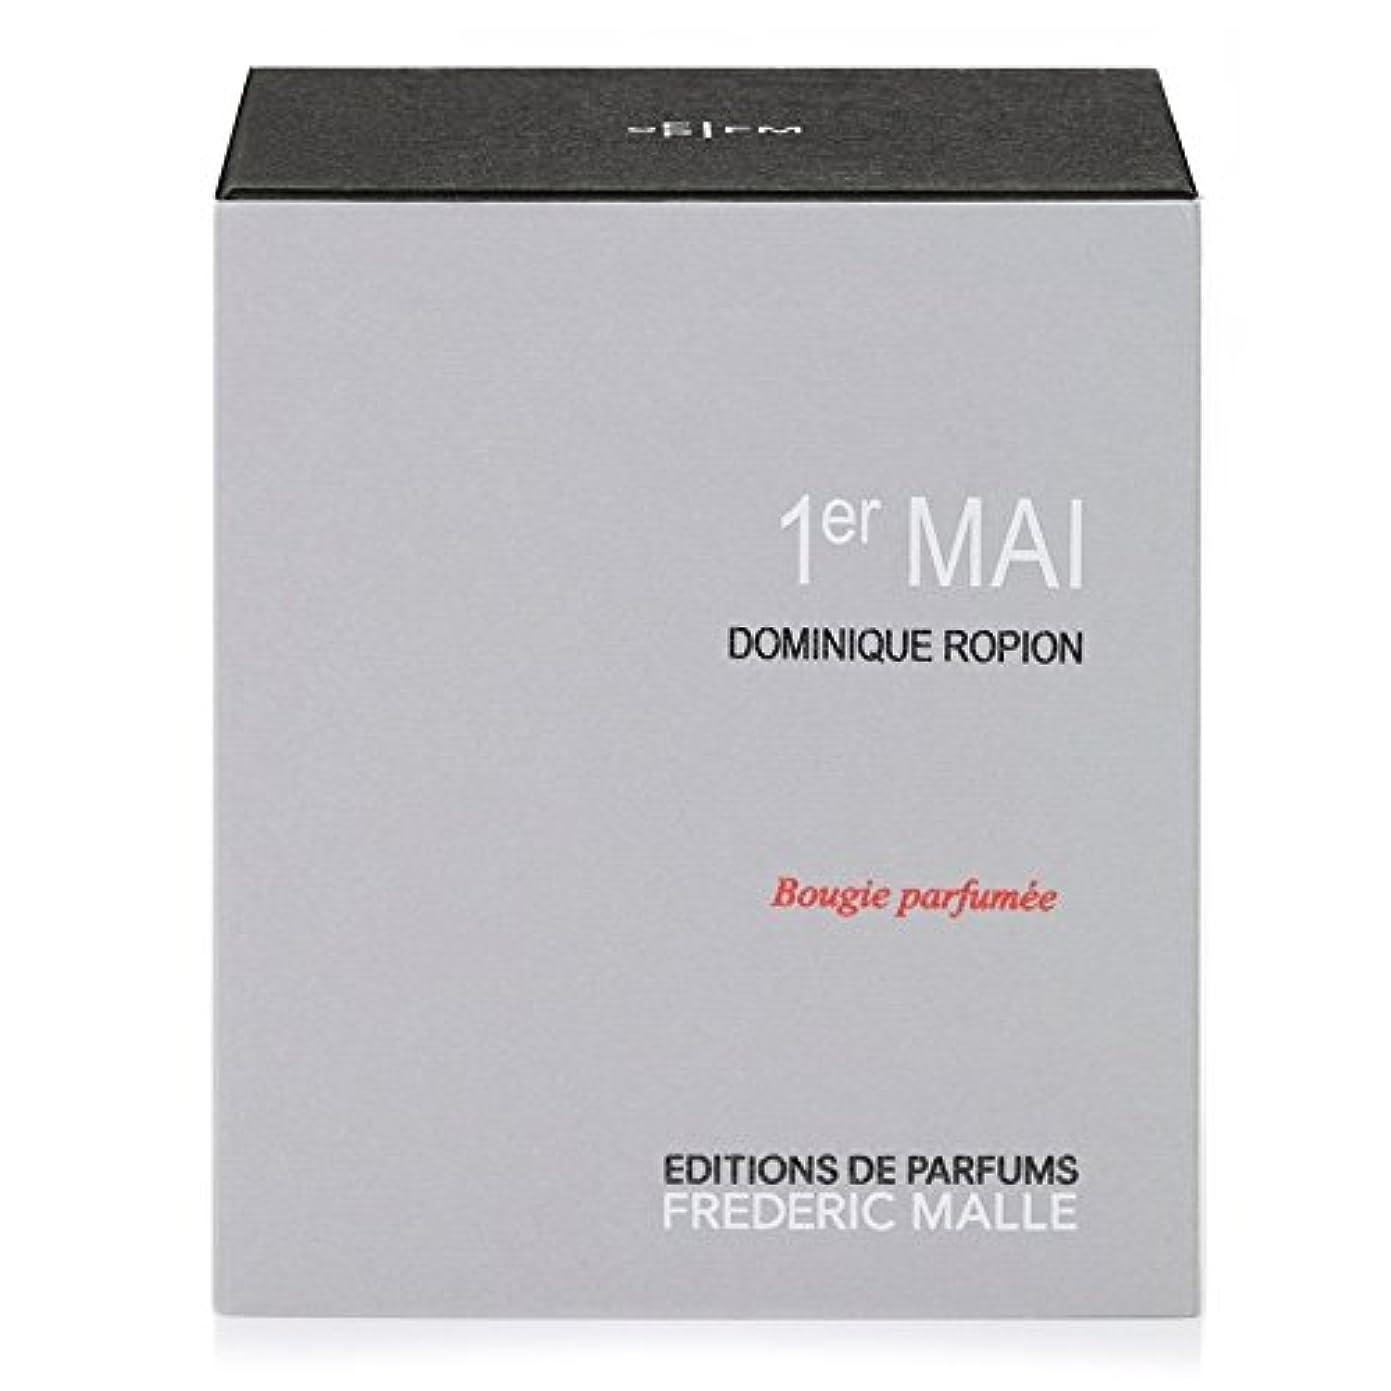 乱気流体細胞リゾートFrederic Malle 1er Mai Scented Candle 220g (Pack of 2) - フレデリック?マルプルミエ舞香りのキャンドル220グラム x2 [並行輸入品]